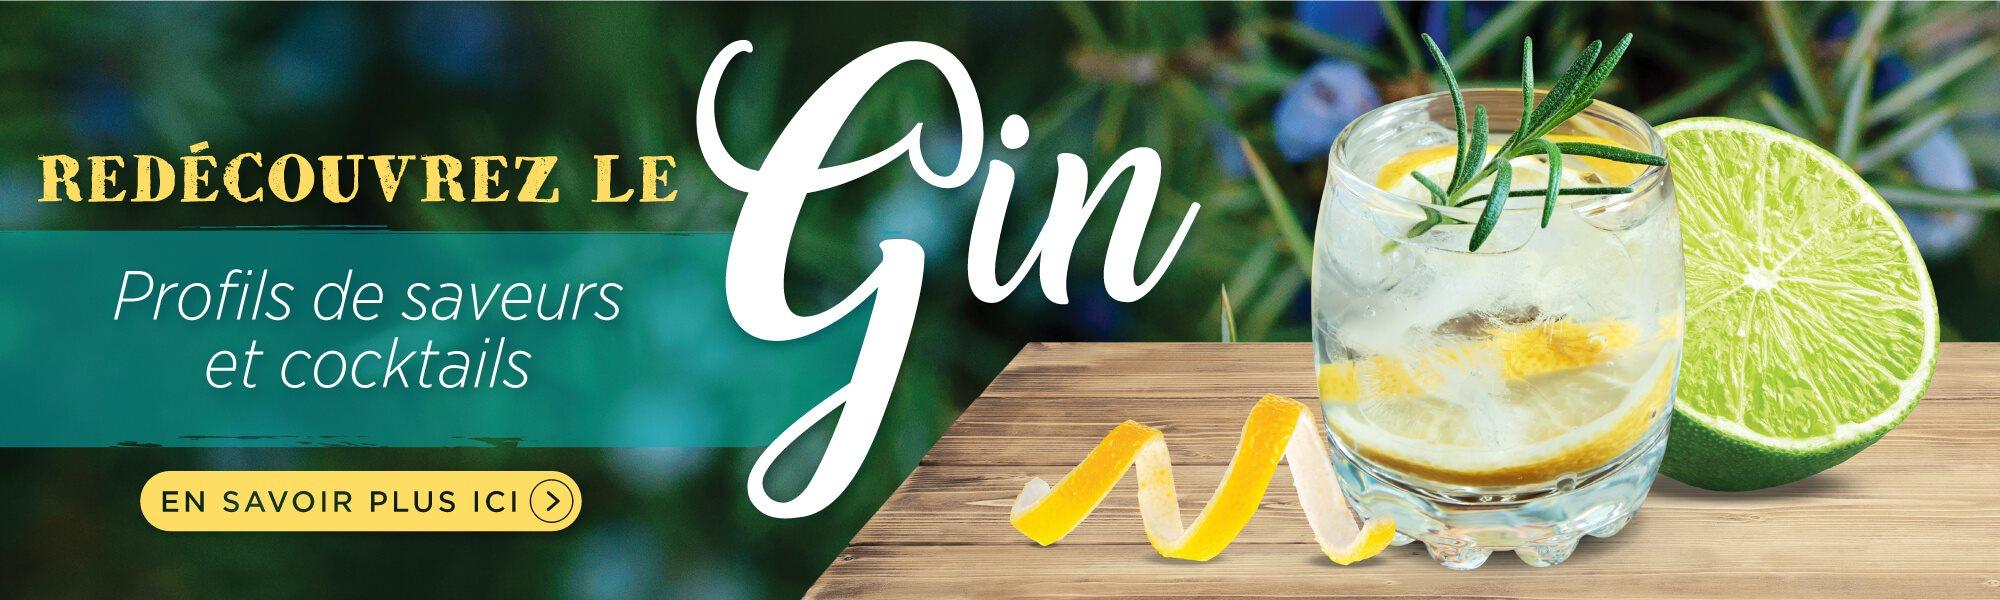 Rediscover-Gin-SLIDER-FR